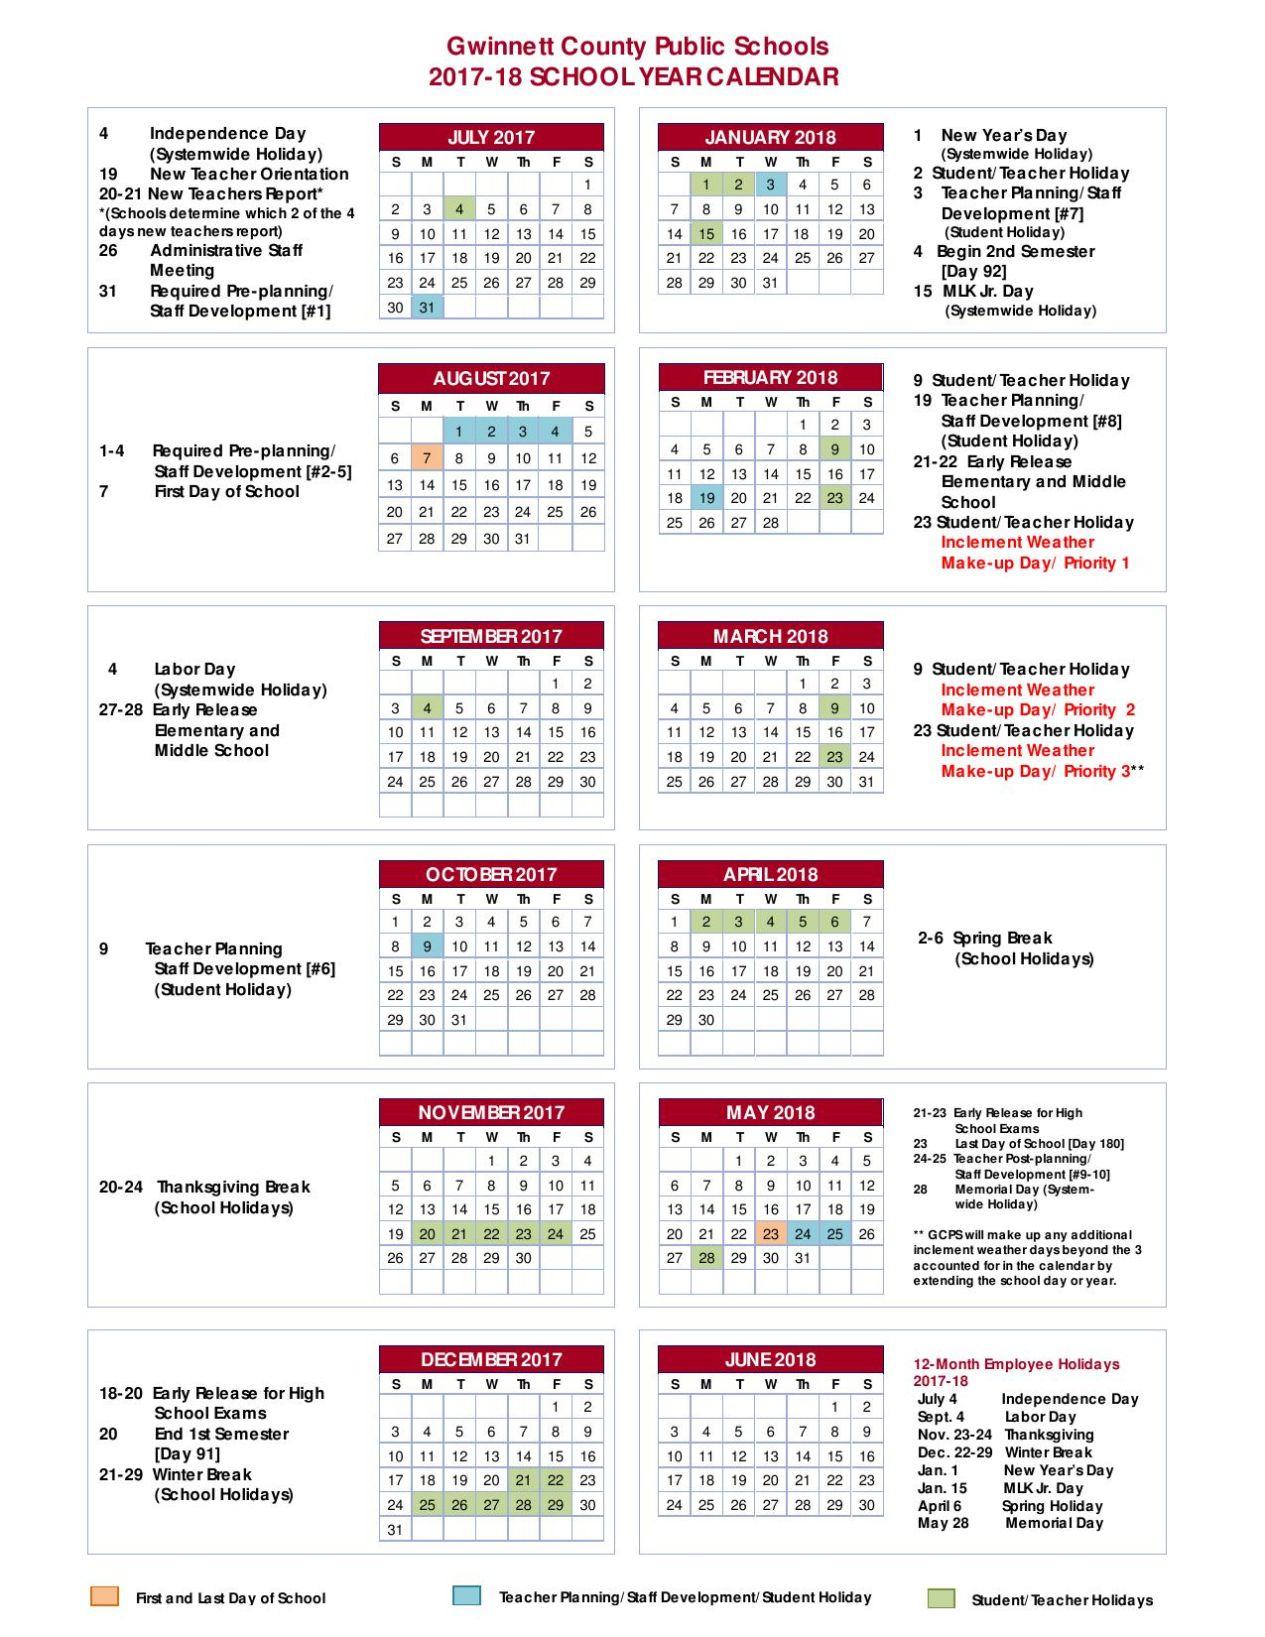 Gcps Calendar 2017 17 - Academic Calendar